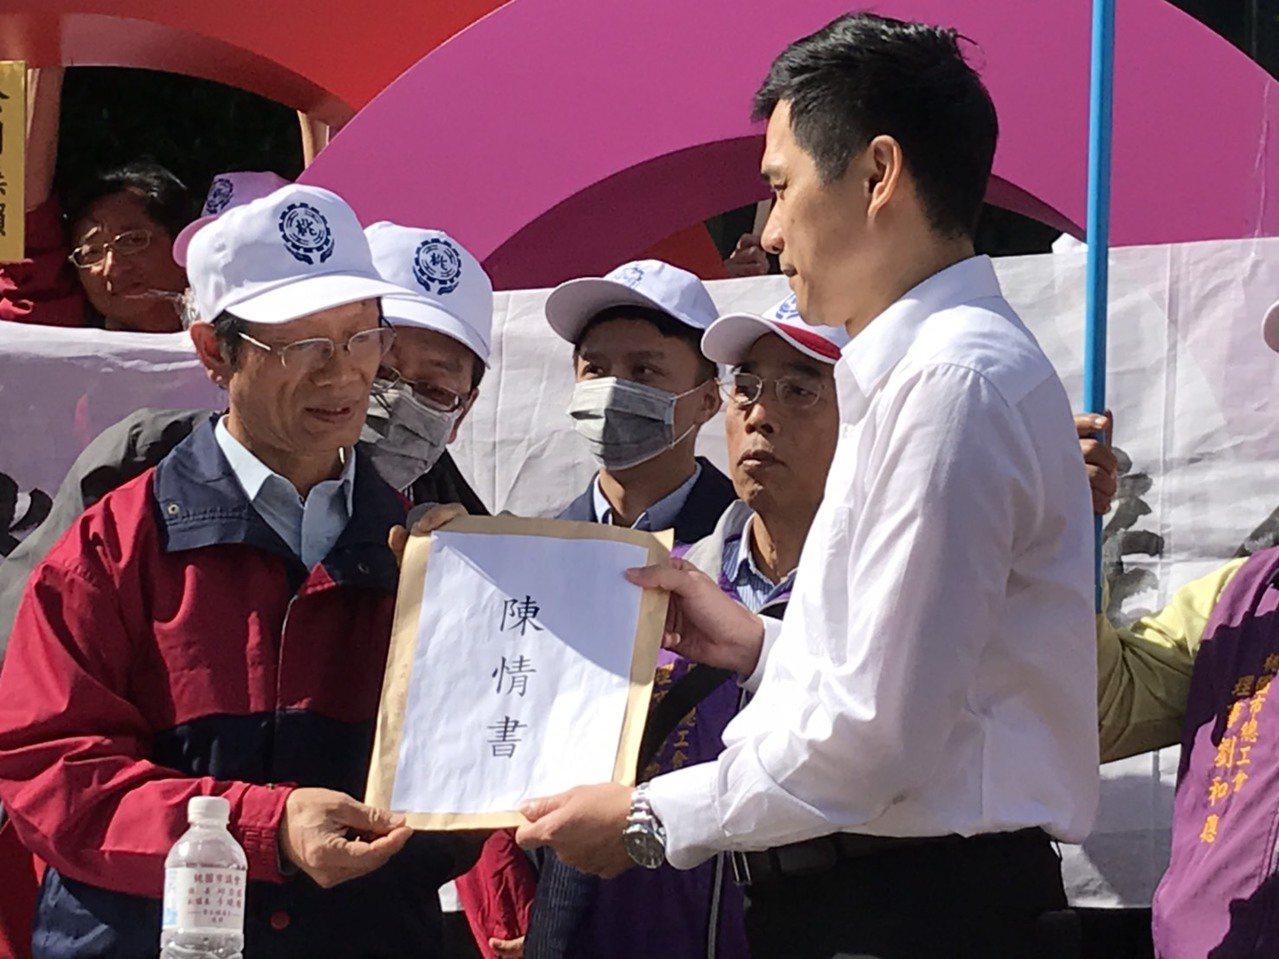 華映企業工會理事長蘇國哲(左)遞交陳情書給大同公司代表。記者蔡銘仁/攝影